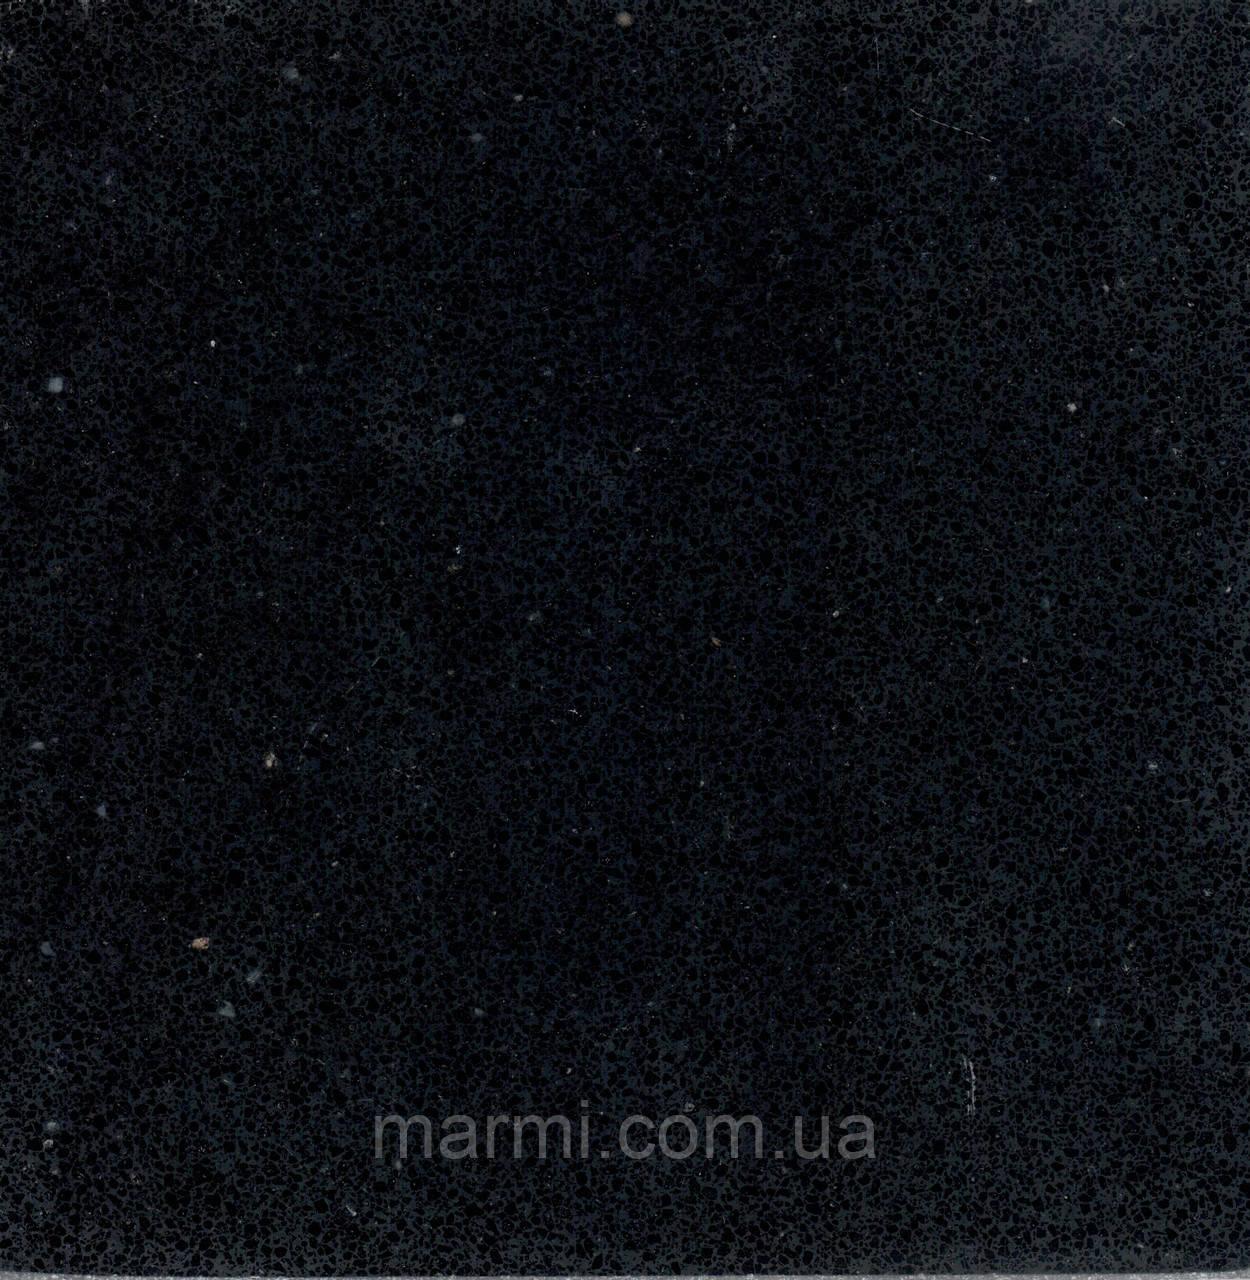 Искусственный кварцевый камень ATЕM Black 0002